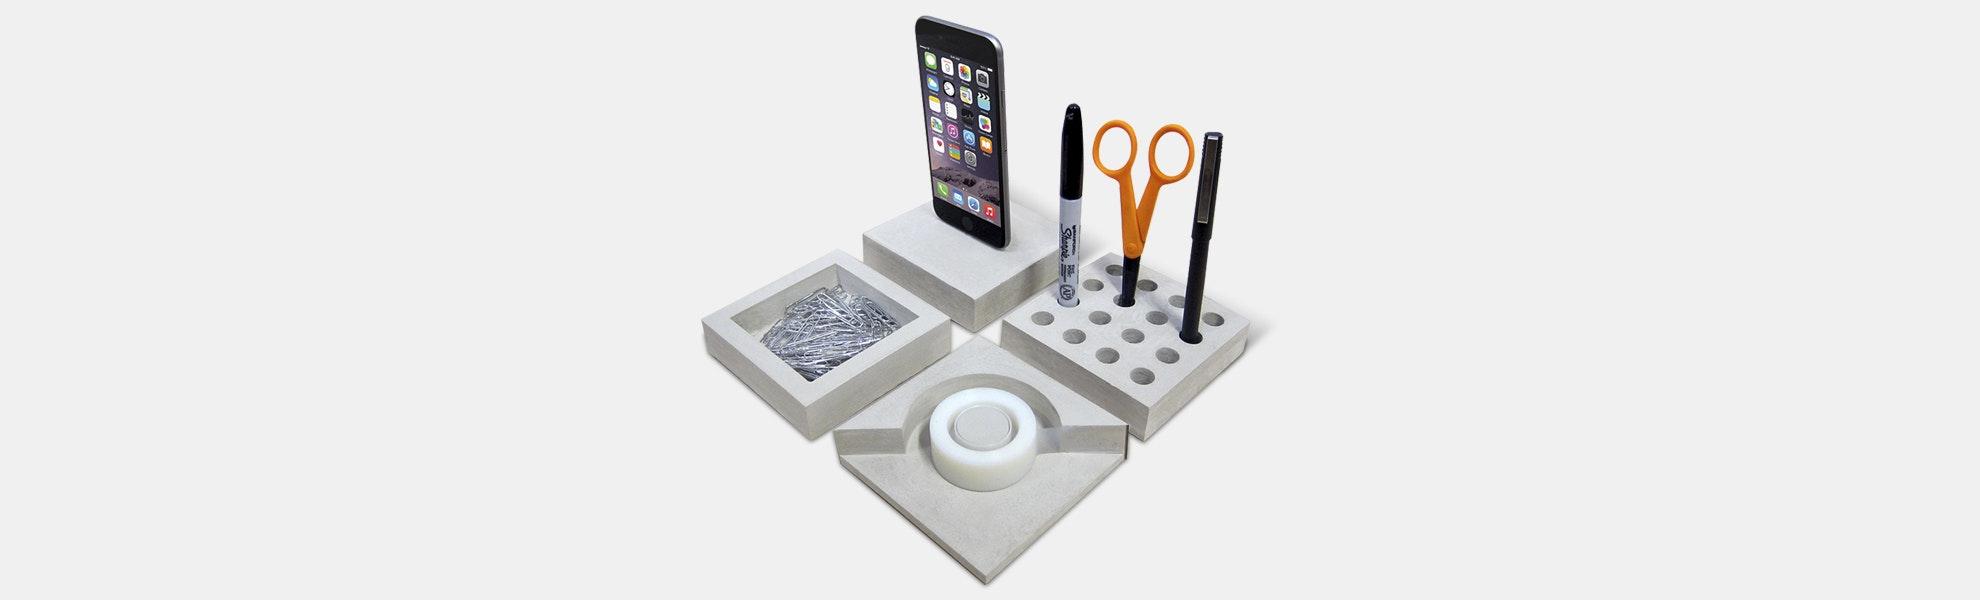 Slabs Concrete Desk Set